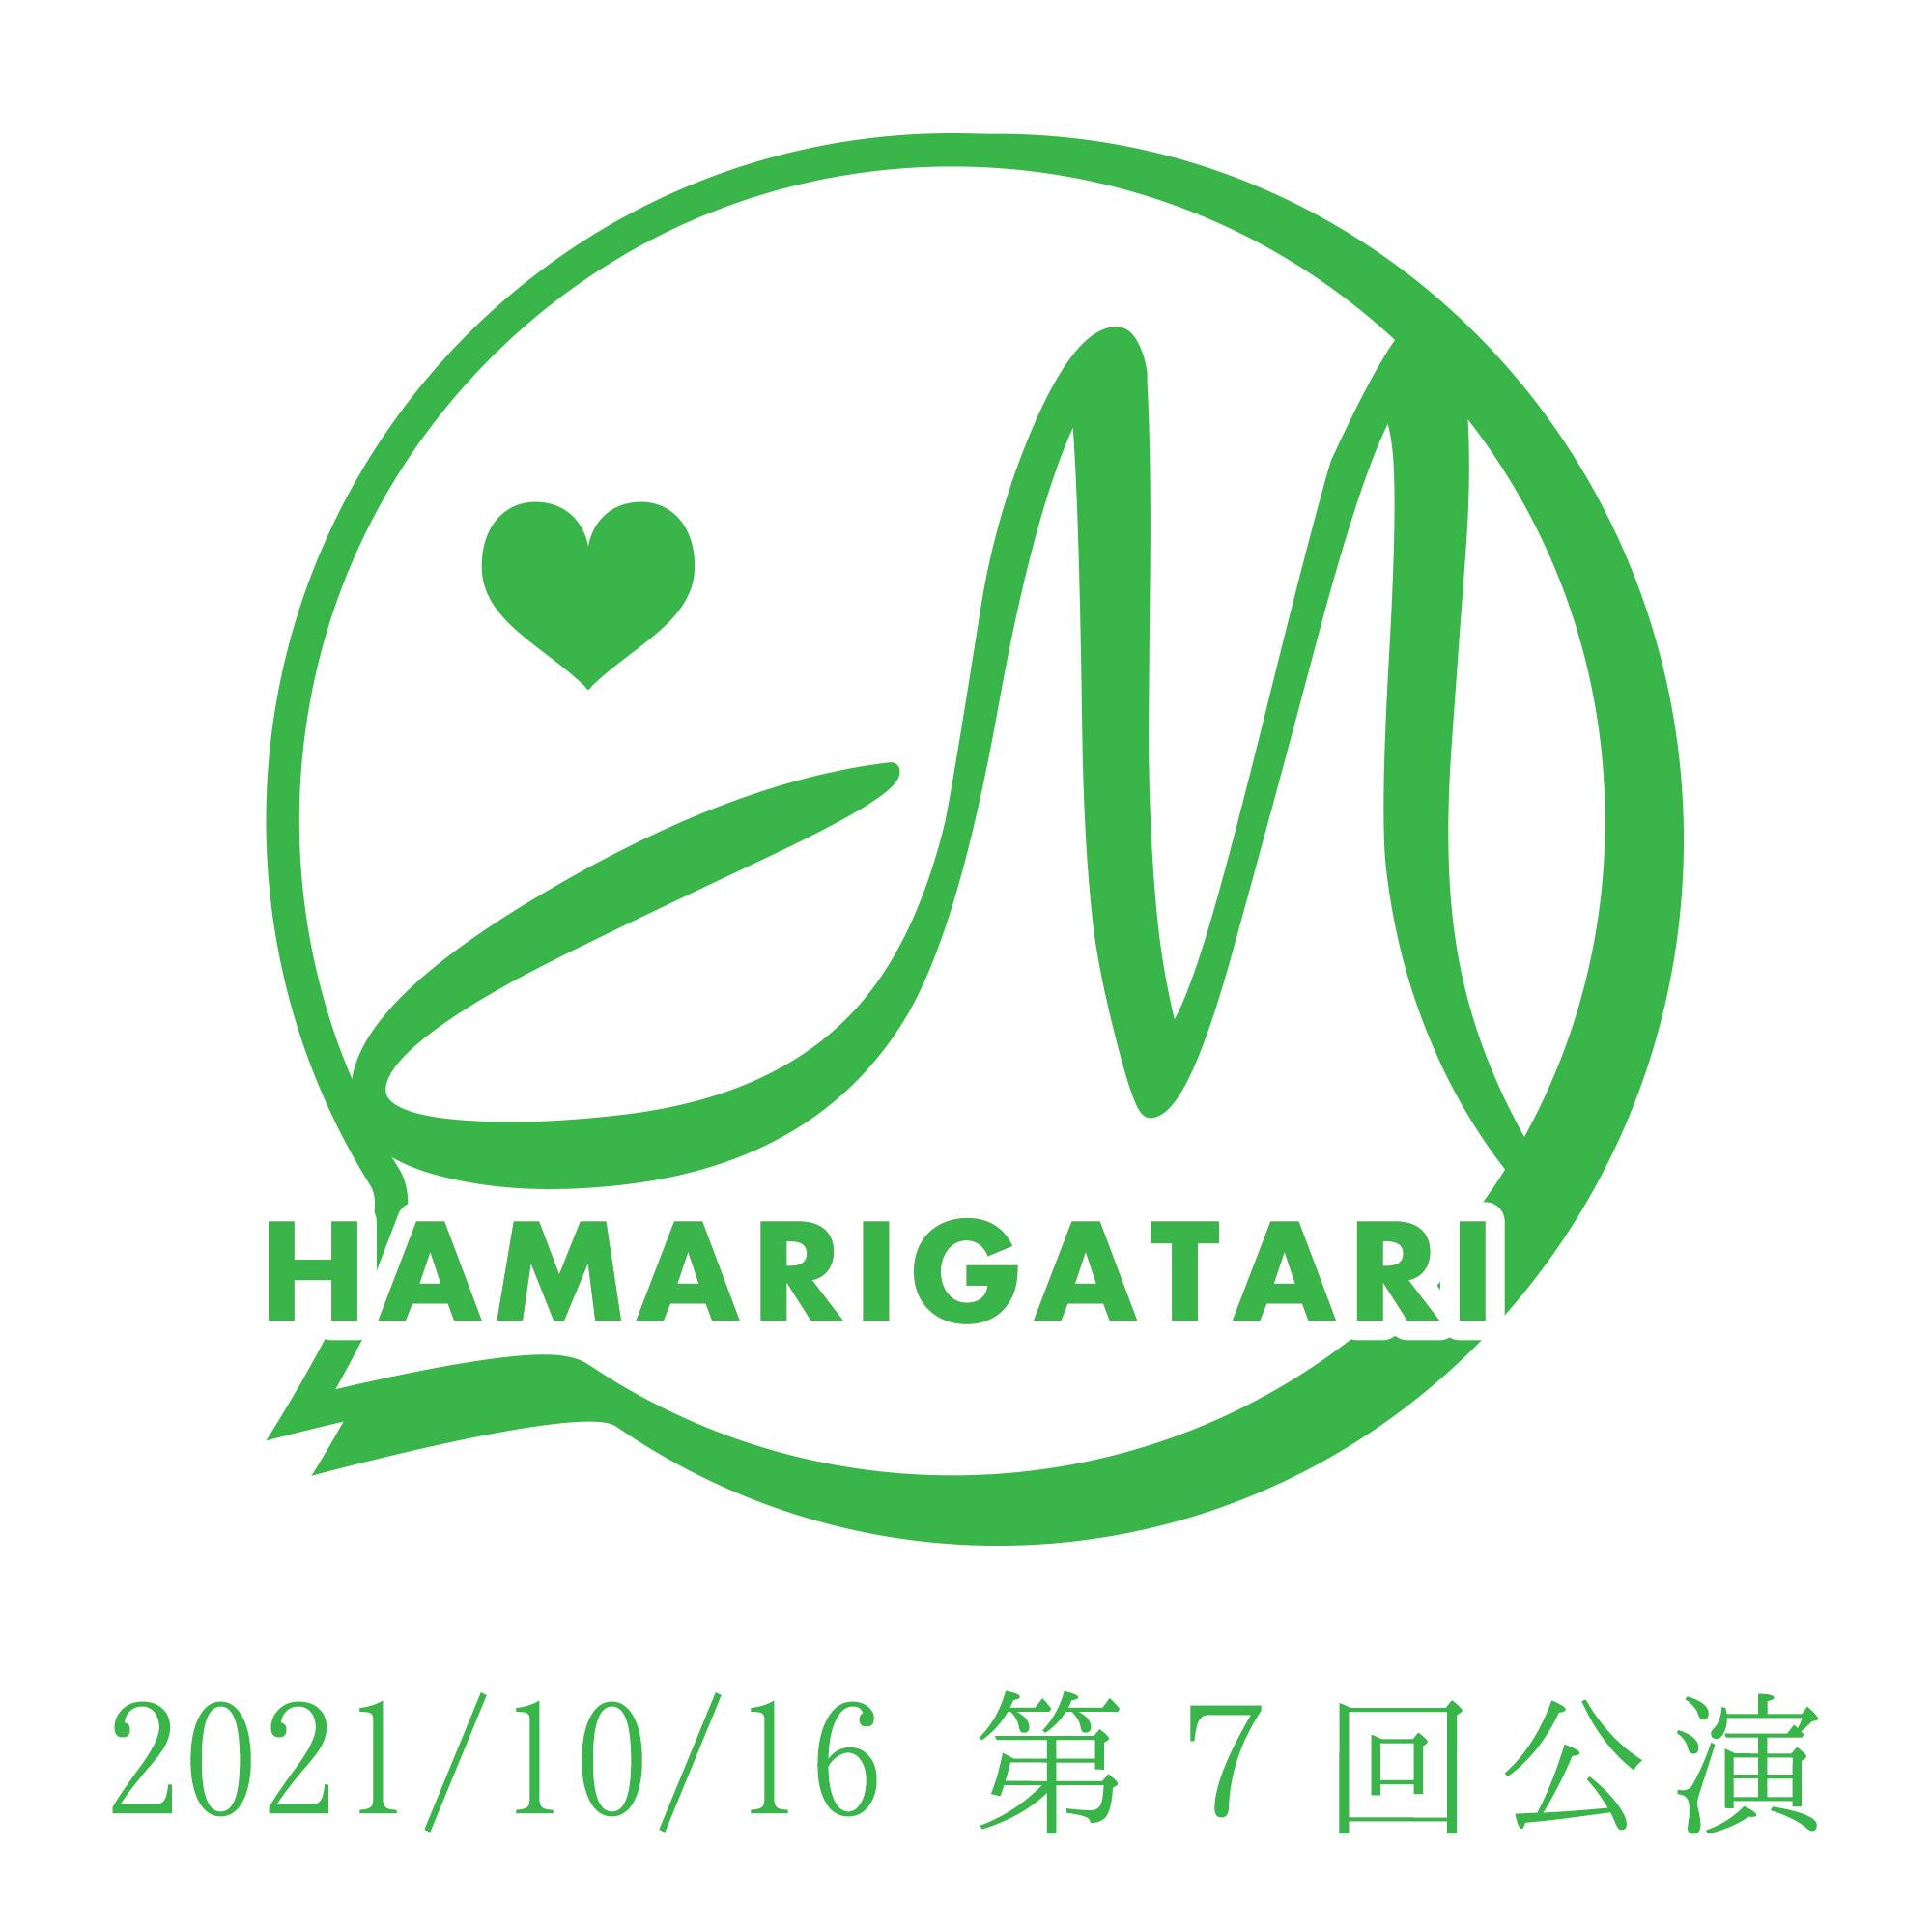 第7回「ハマリガタリM」ゲスト:森嶋秀太